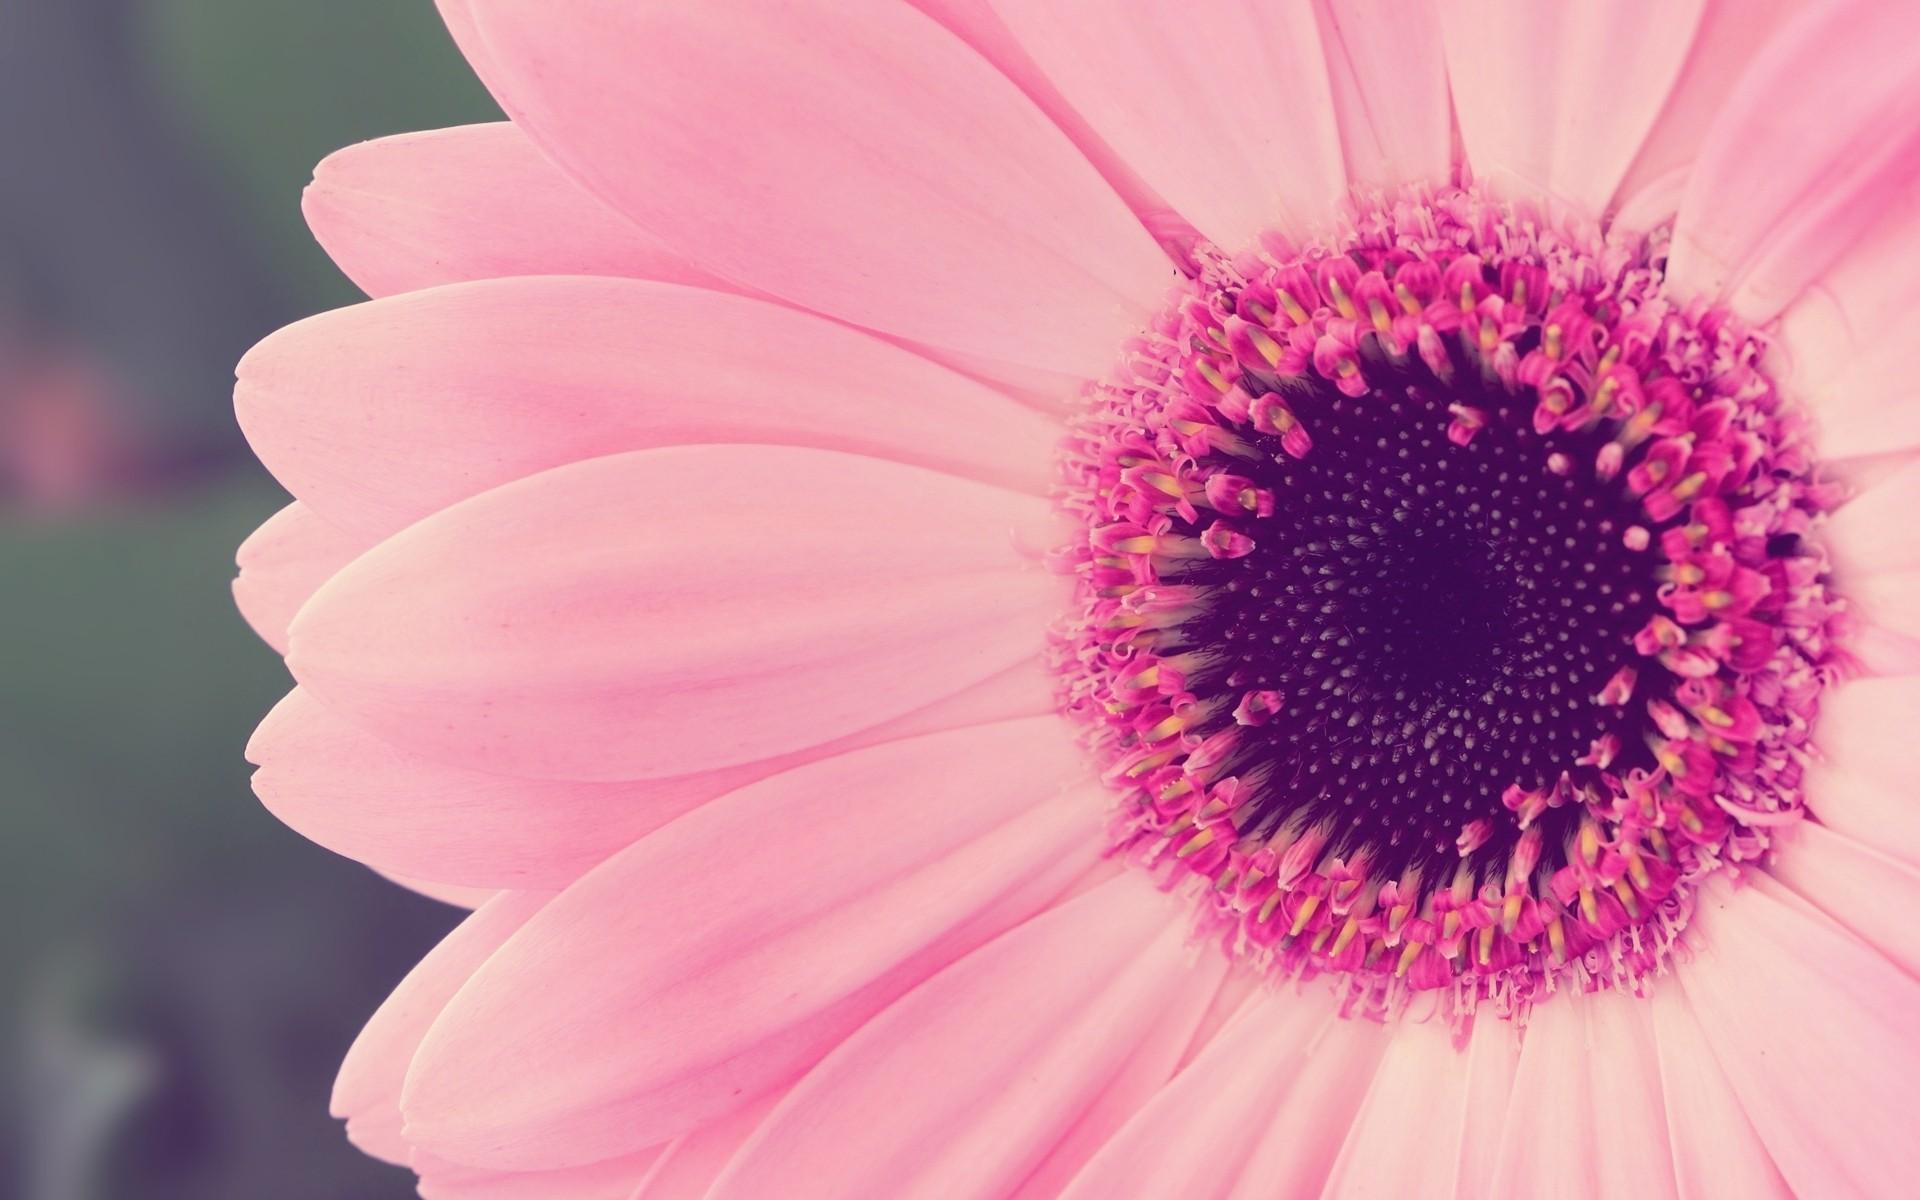 Close Up Nature Flowers Pink Flower Petals Fresh New Hd Wallpaper ...